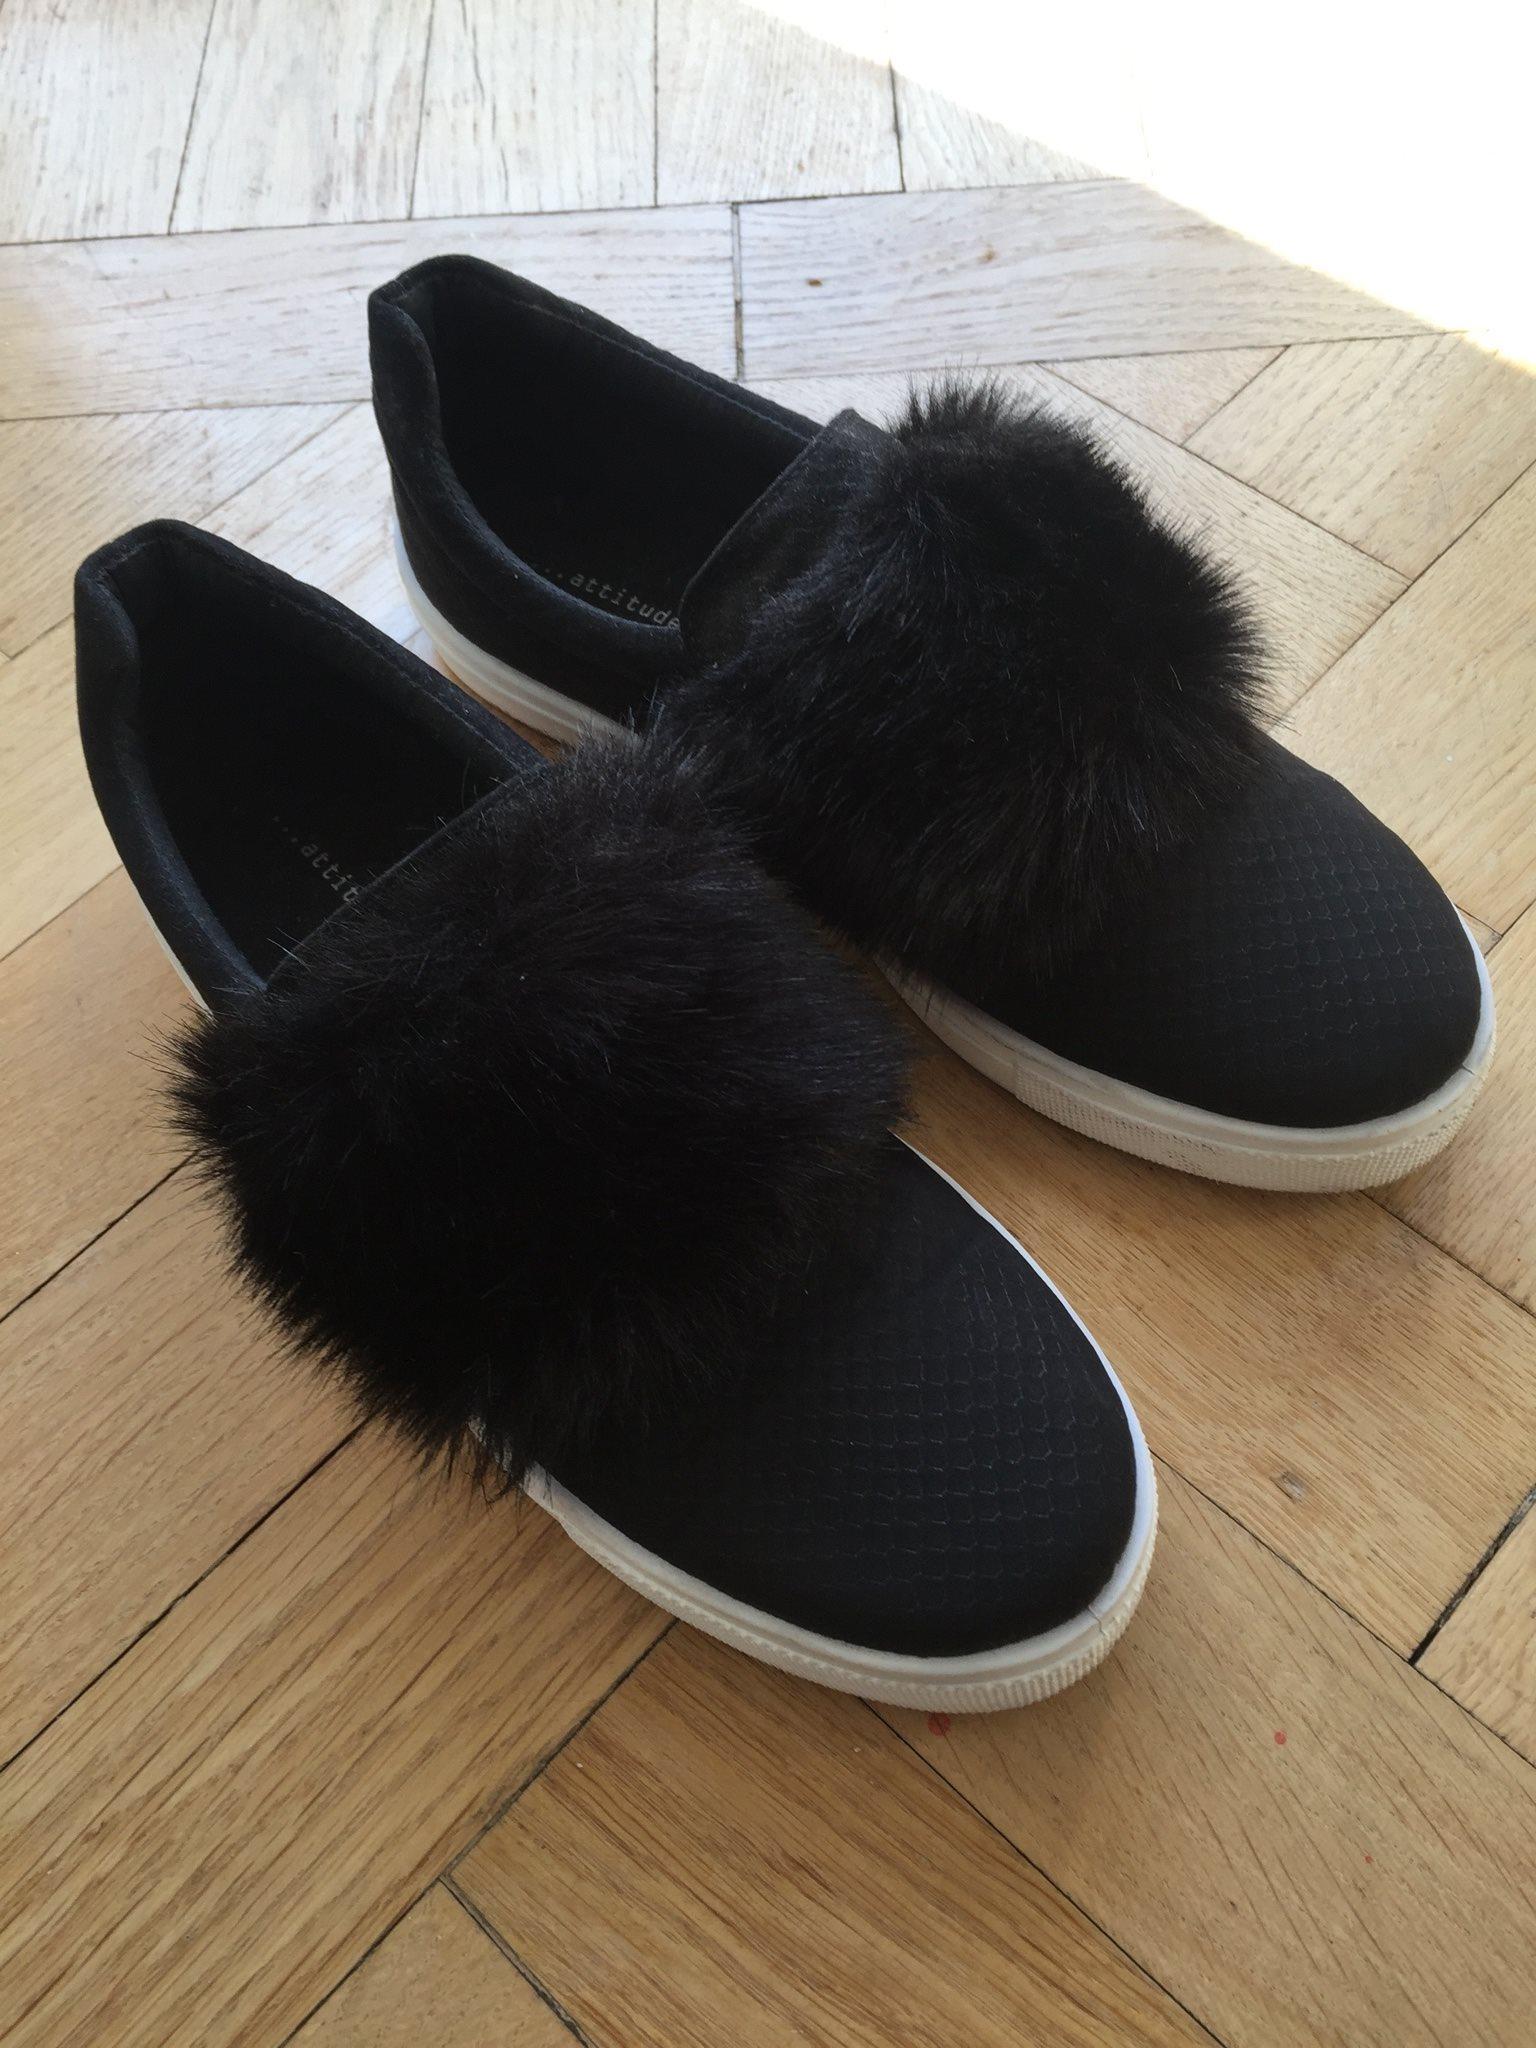 skor med päls